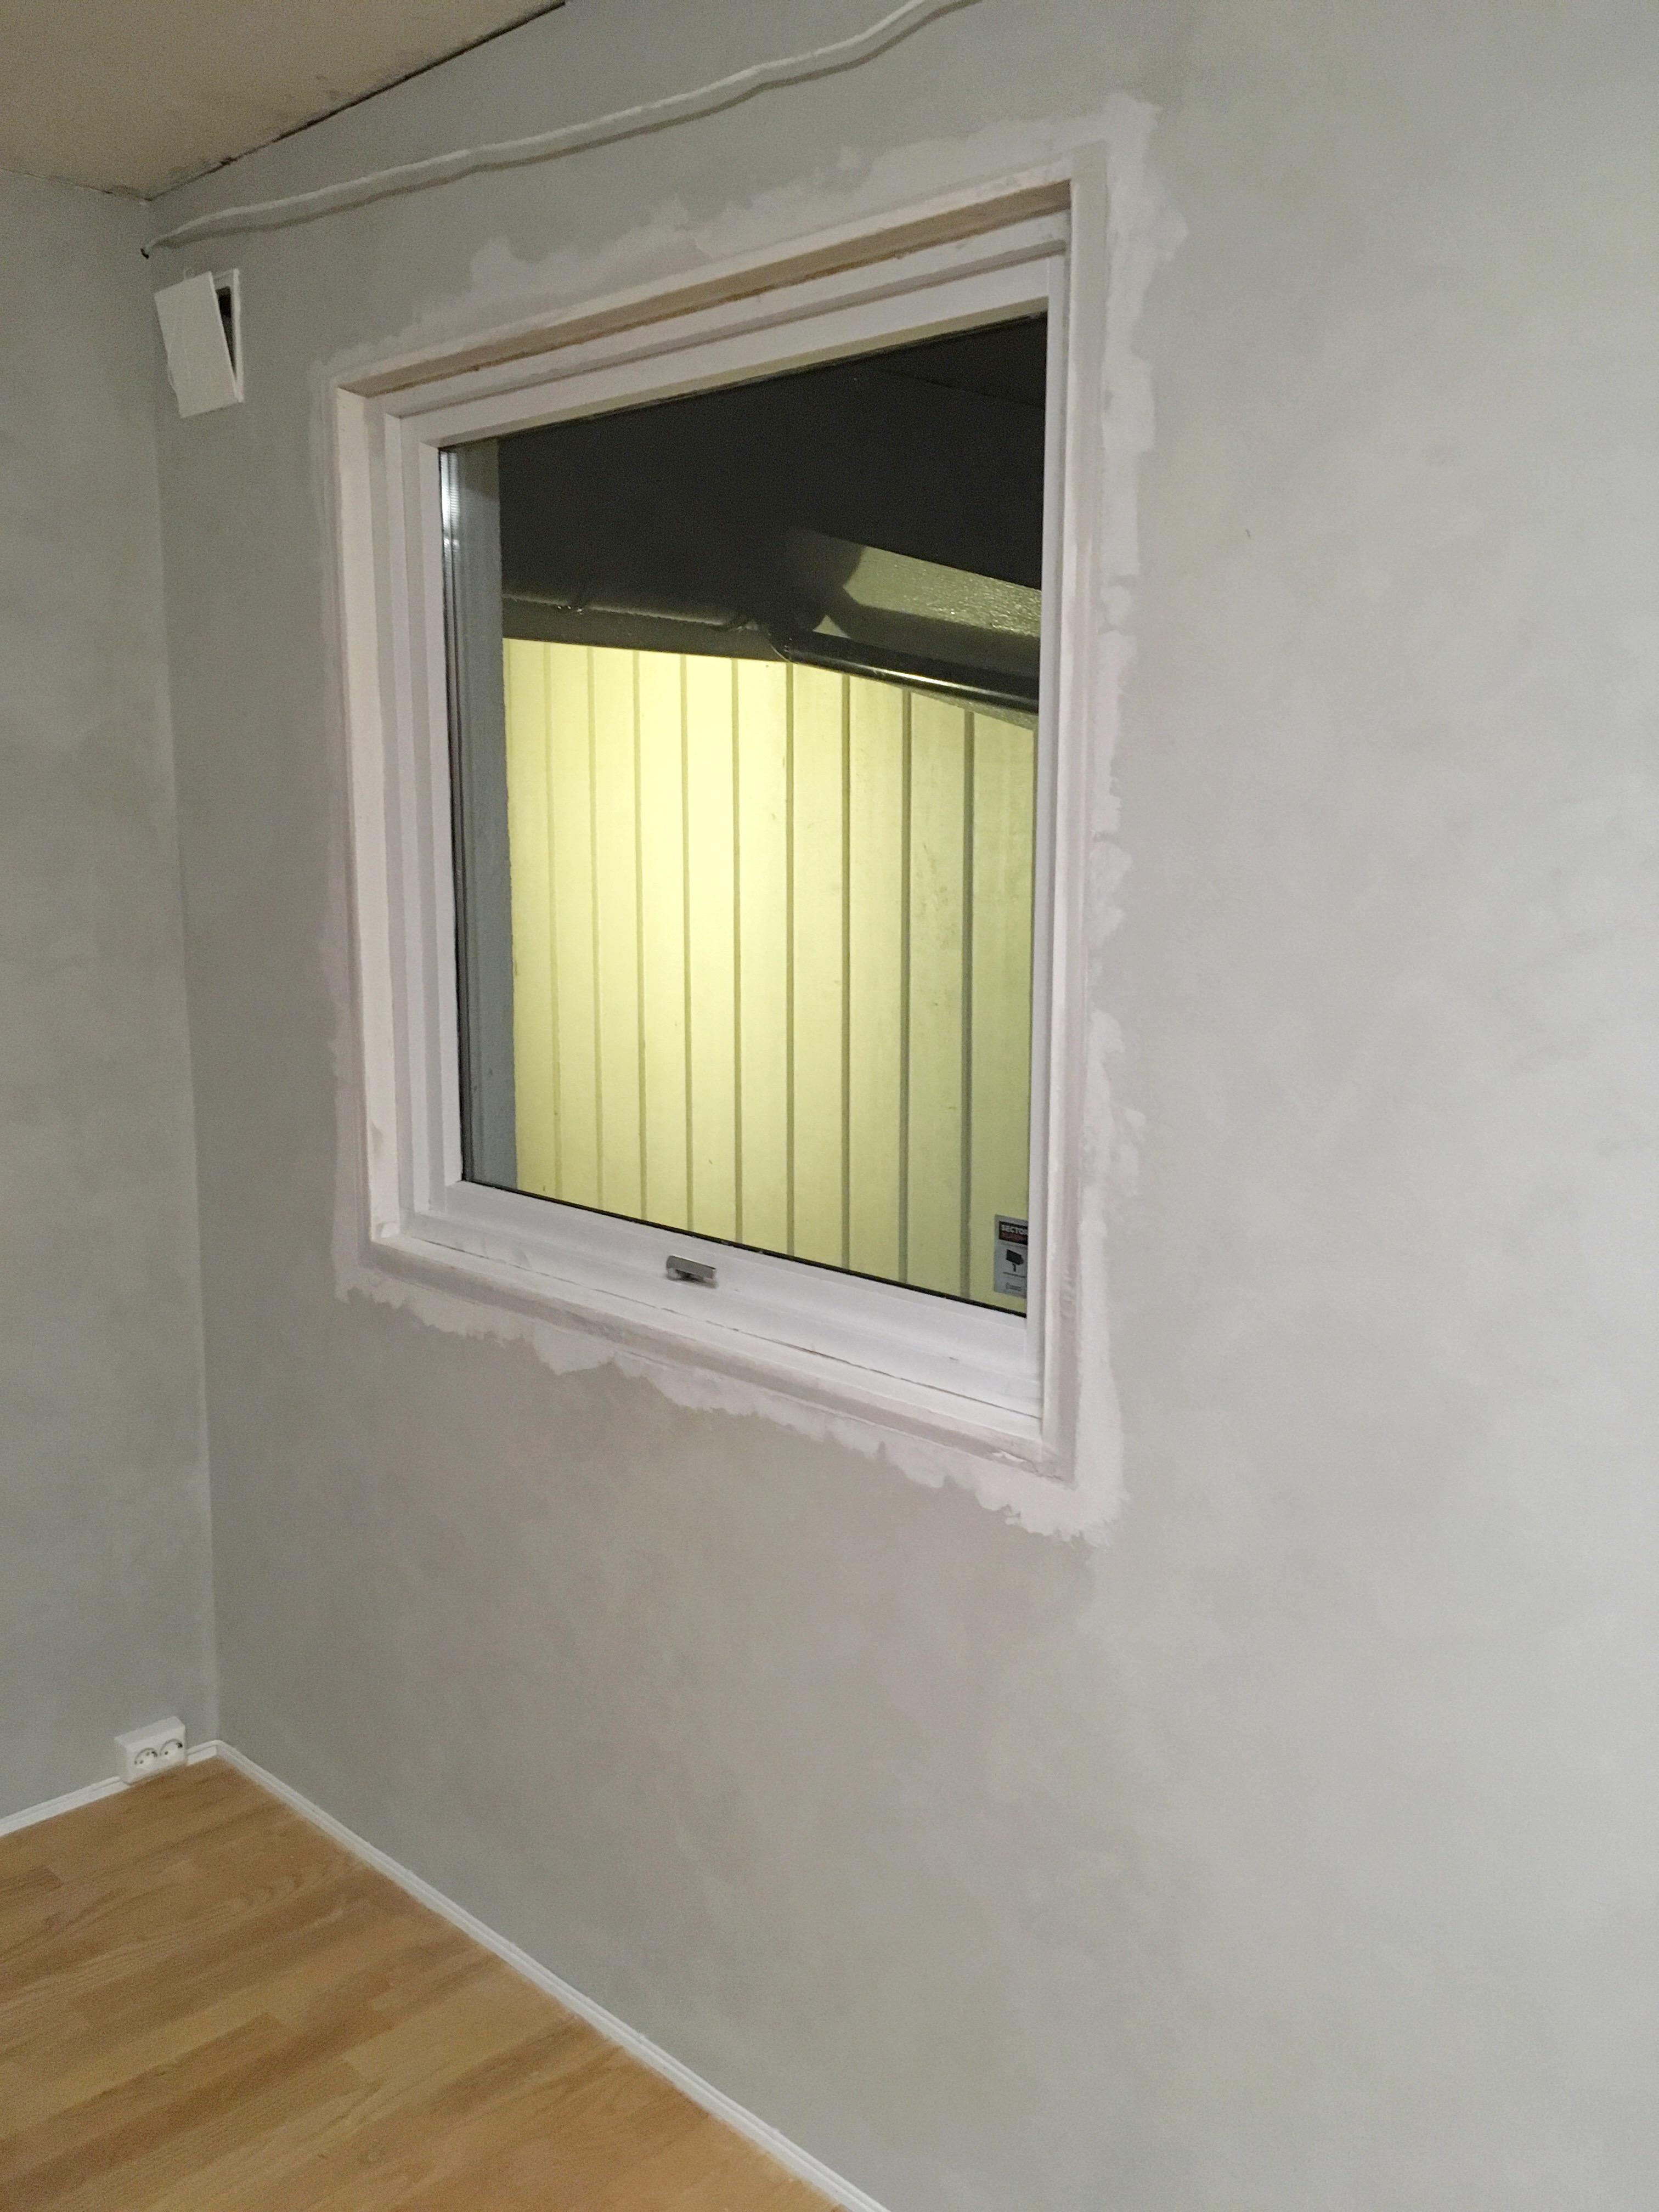 Male vinduer innendørs